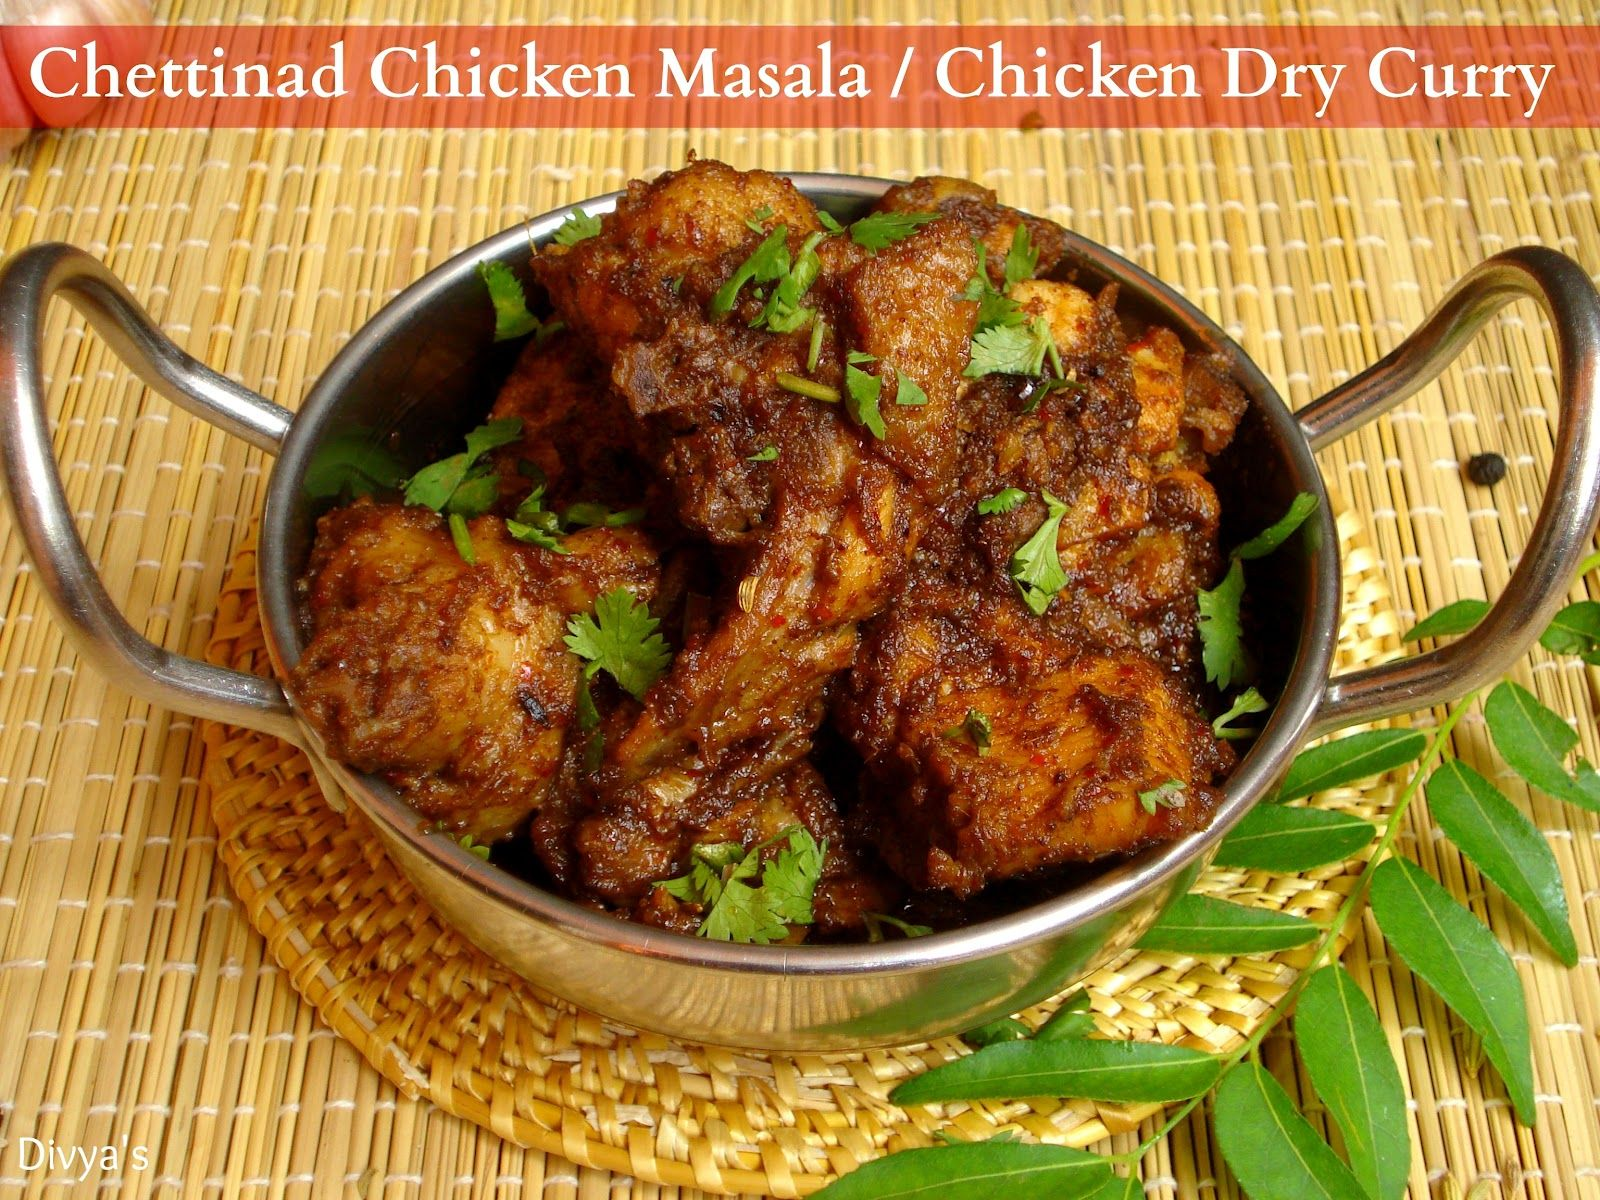 Chettinad Chicken Masala (for Masala Powder) 1 Dry Red Chillies  6  Chicken Curry Recipesrecipe